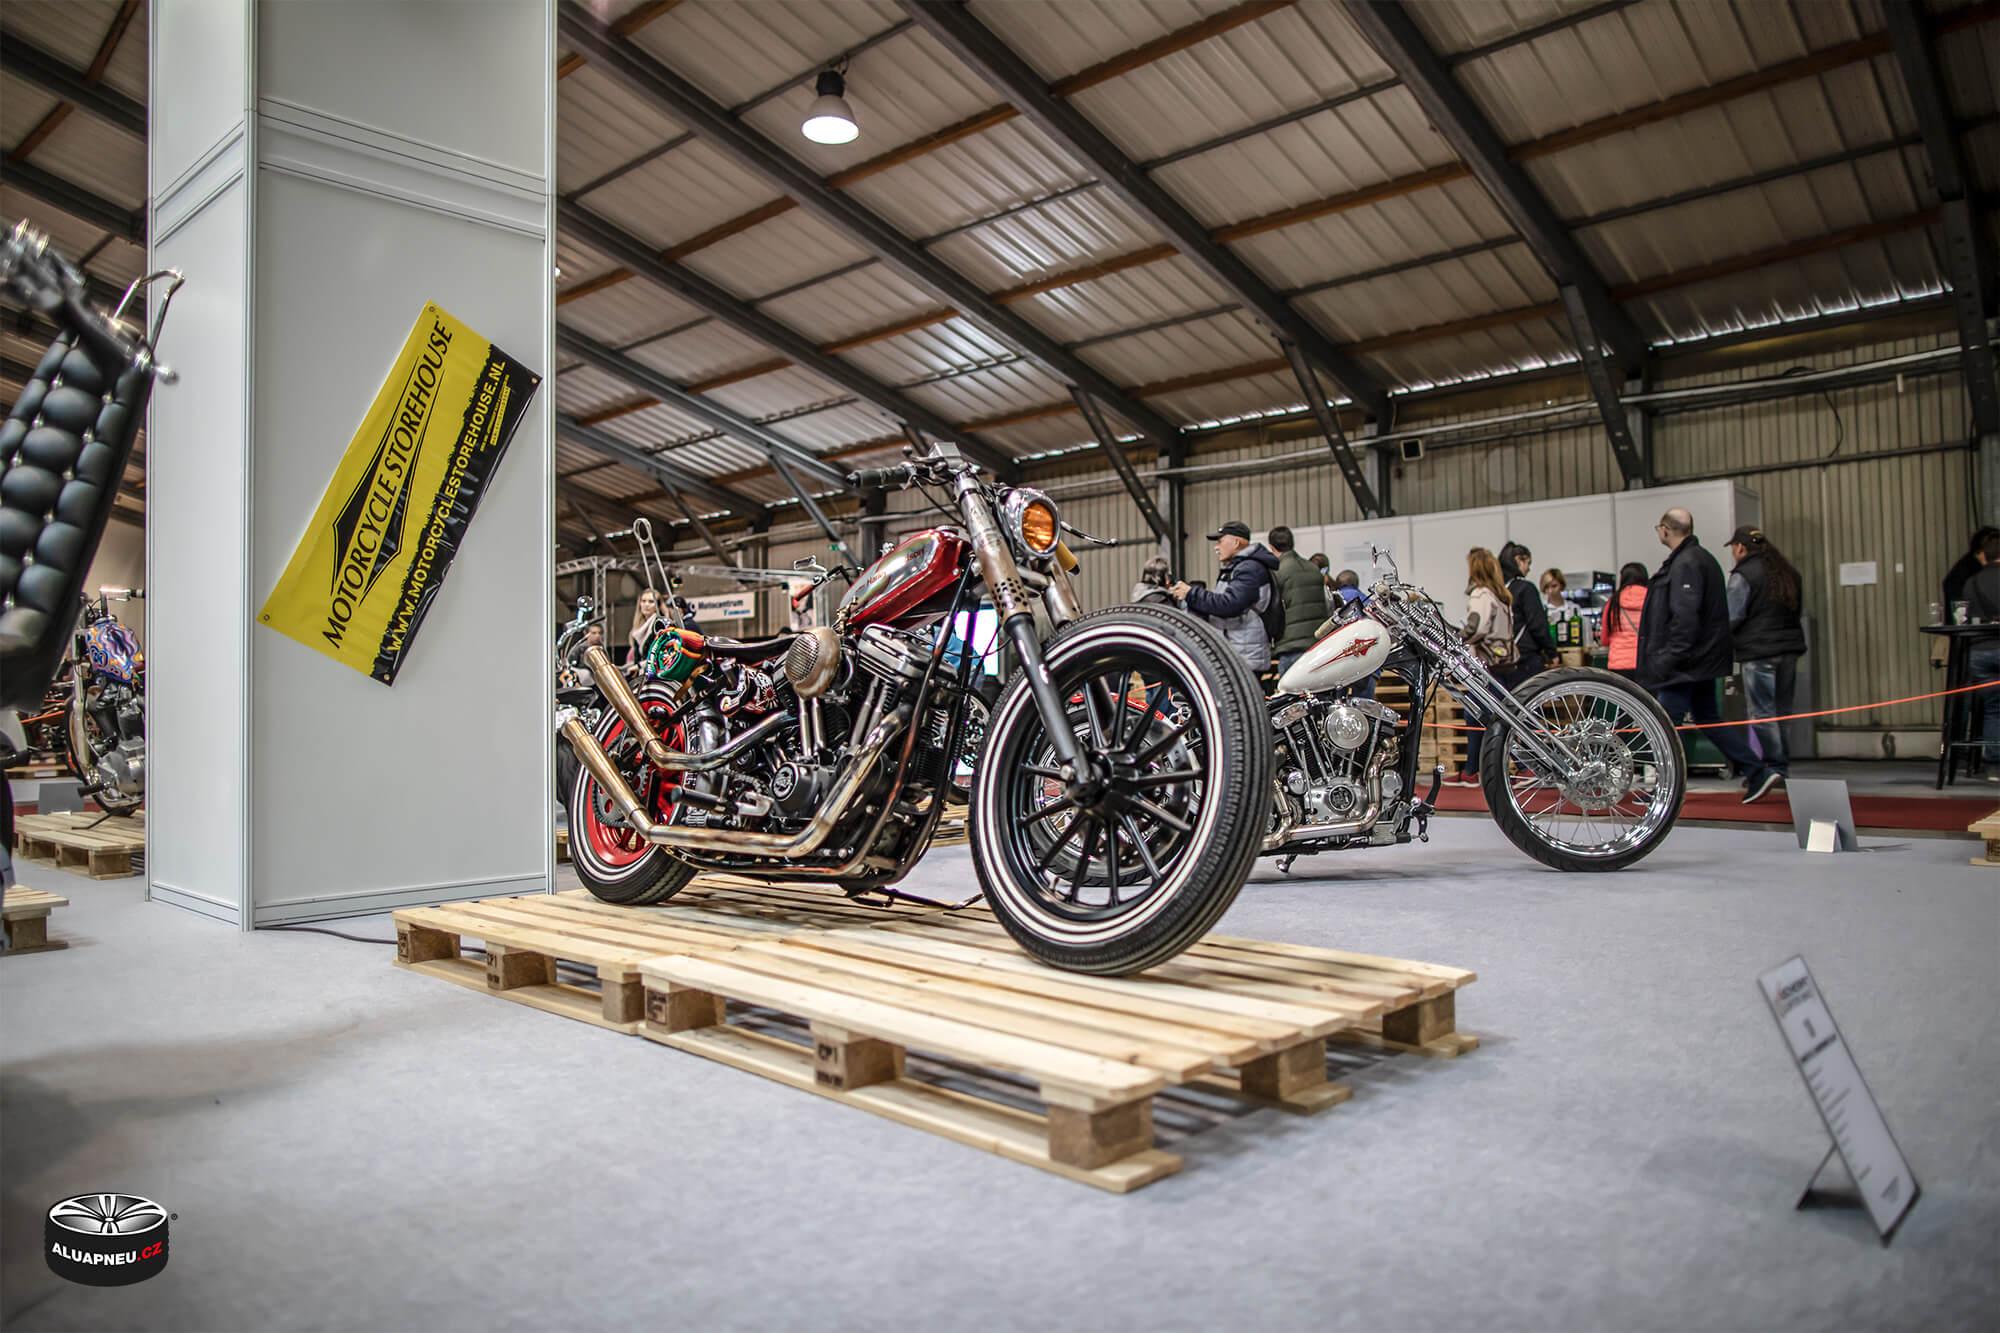 Motoshow - Autosalon Praha 2019 - www.aluapneu.cz